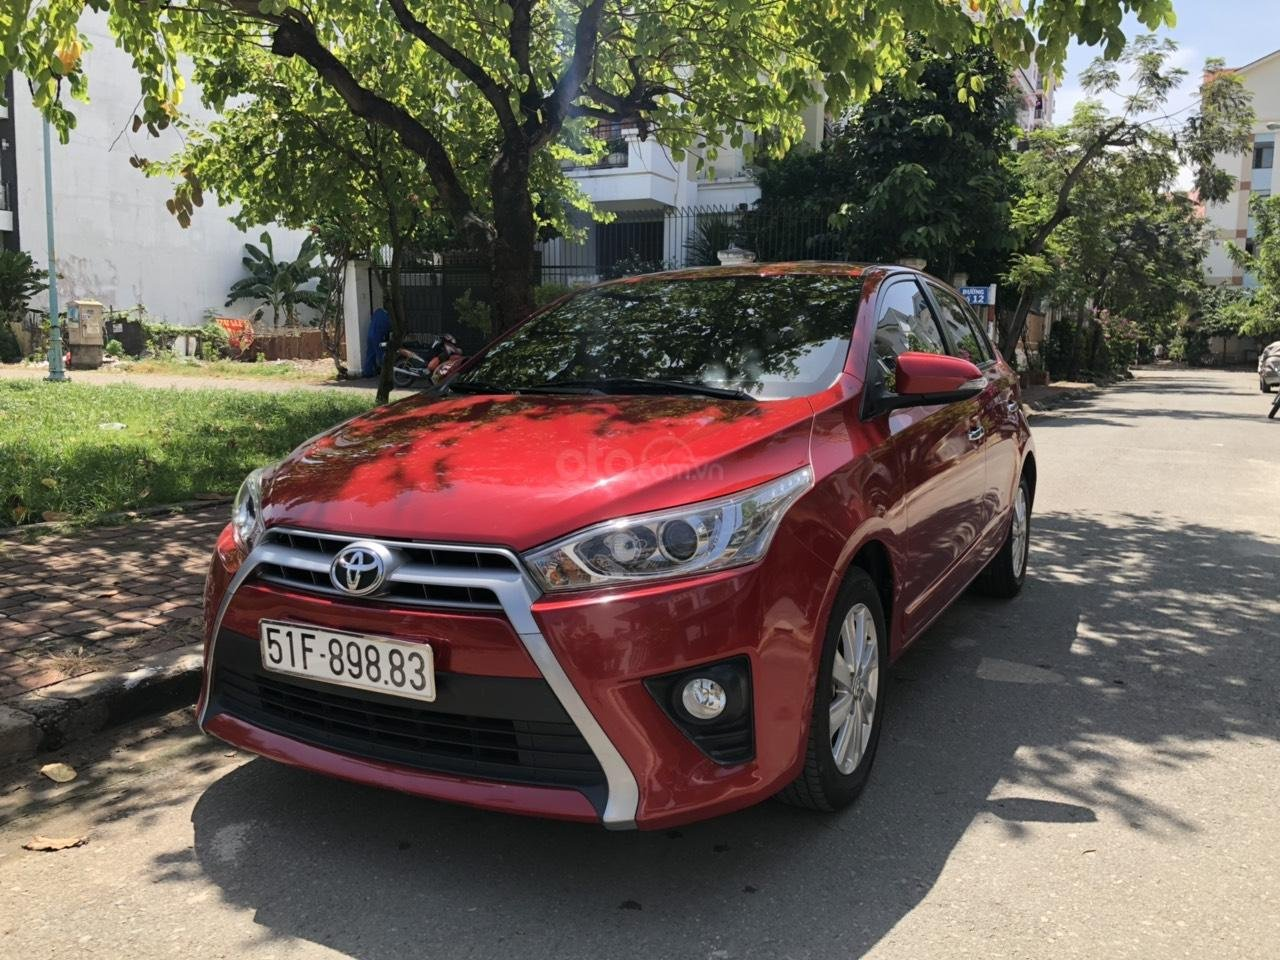 Gia đình đi Úc cần bán Yaris 2017 màu đỏ, nhập Thái Lan, xe đẹp (8)